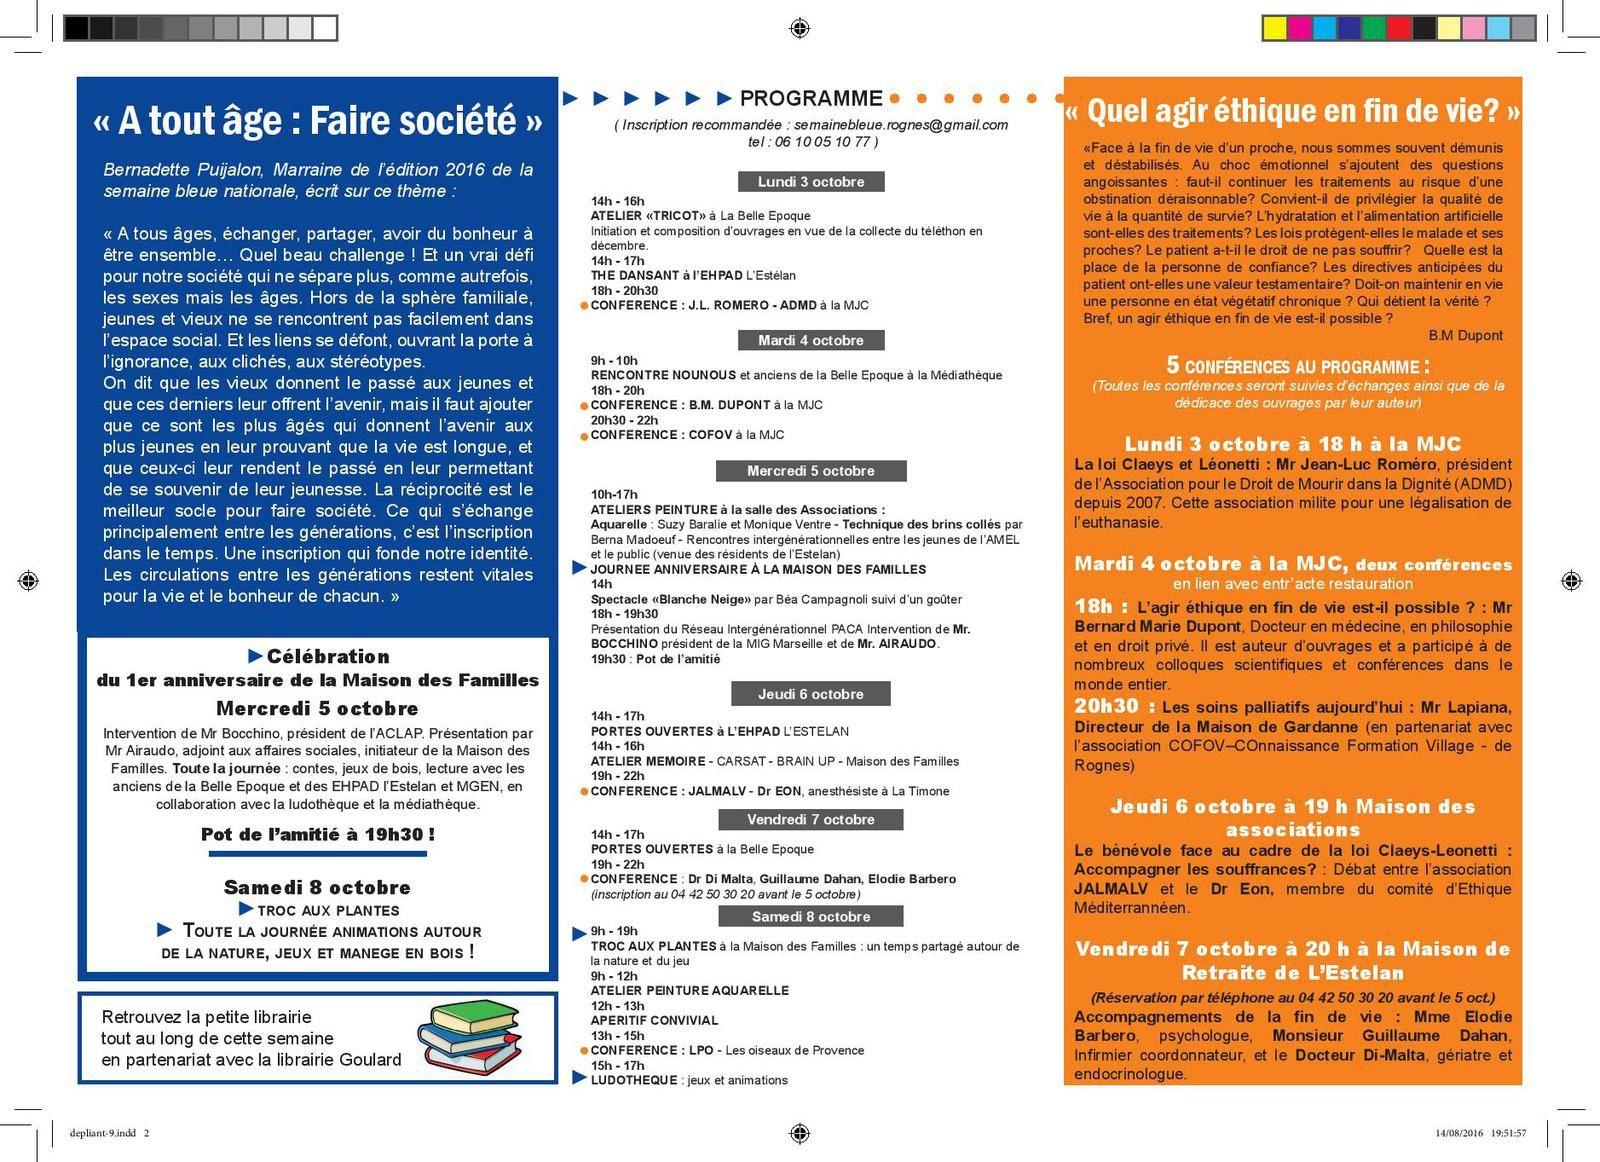 La Semaine Bleue à Rognes 2eme édition: